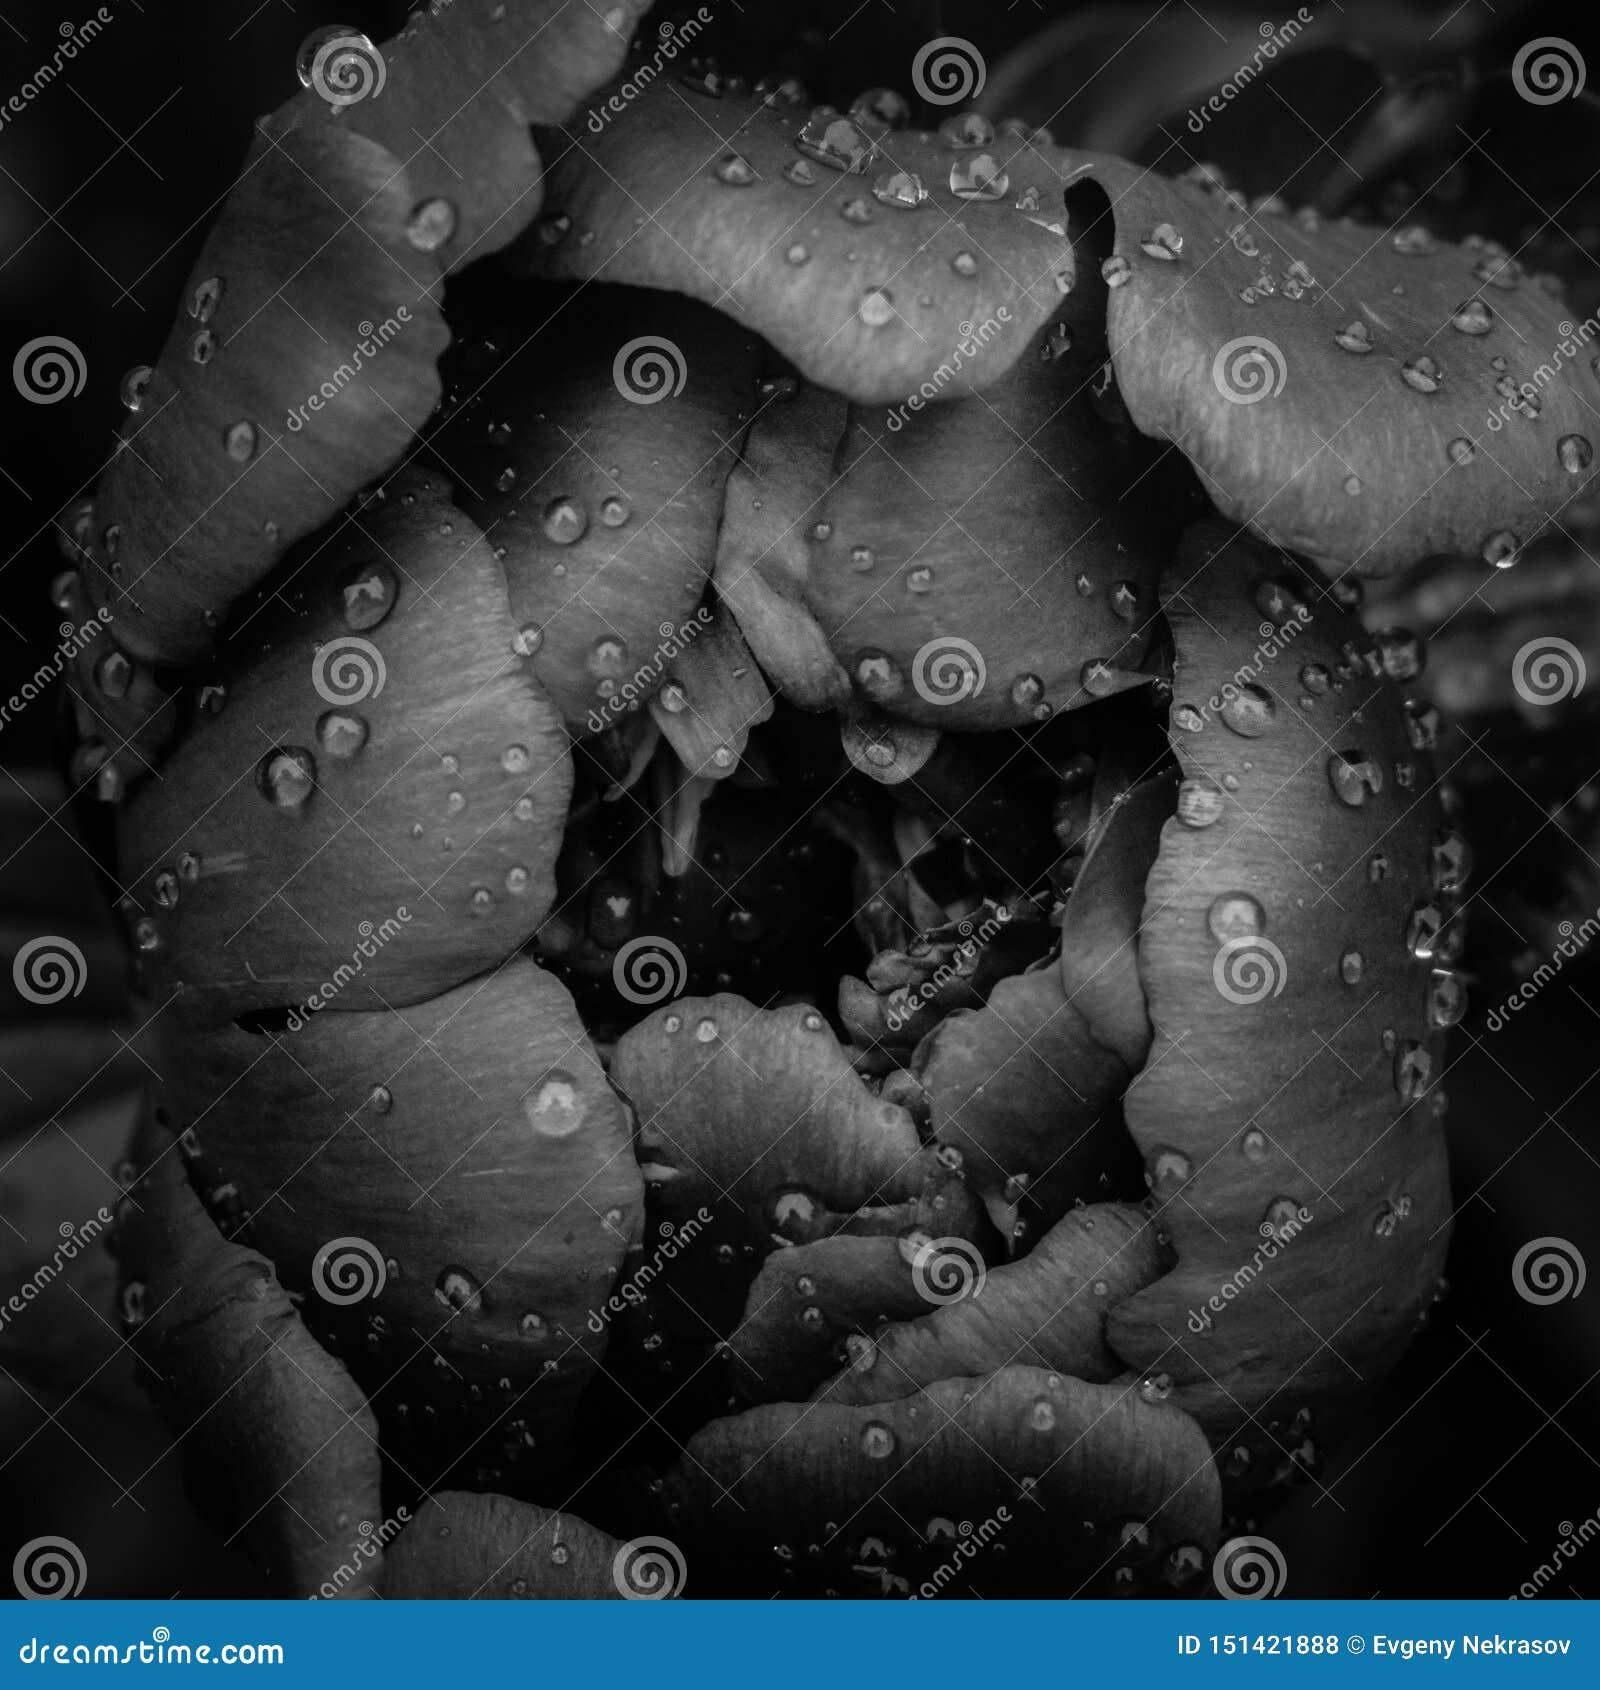 Przejrzyste krople woda jak łzy na czarnej peoni opłakuje płatkach